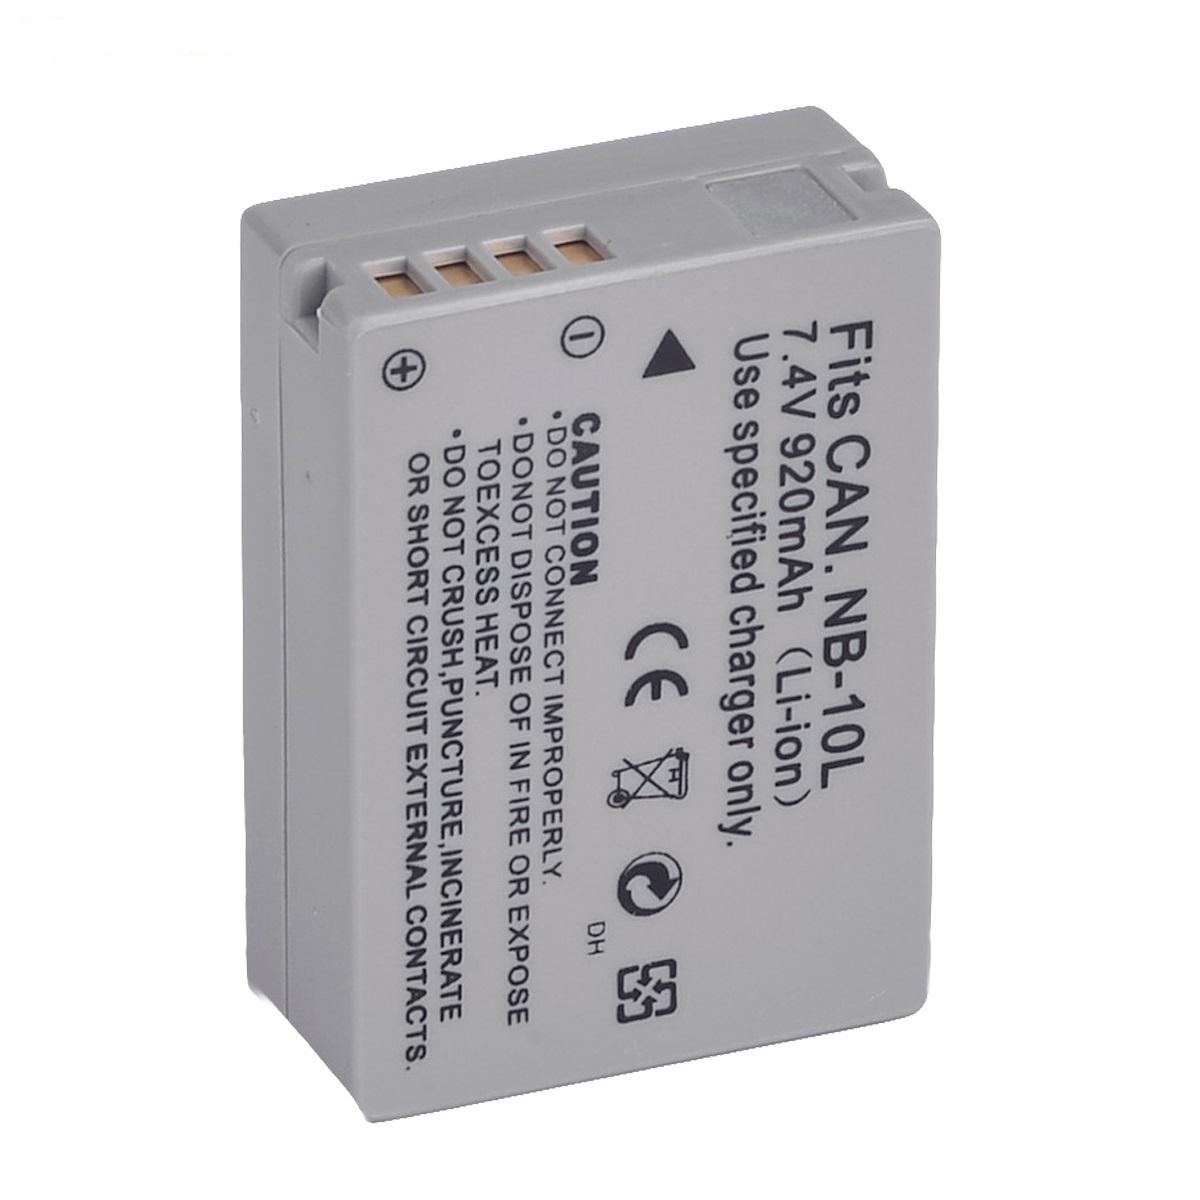 قیمت و خرید باتری دوربین کانن مدل NB-10L مشابه اصلی